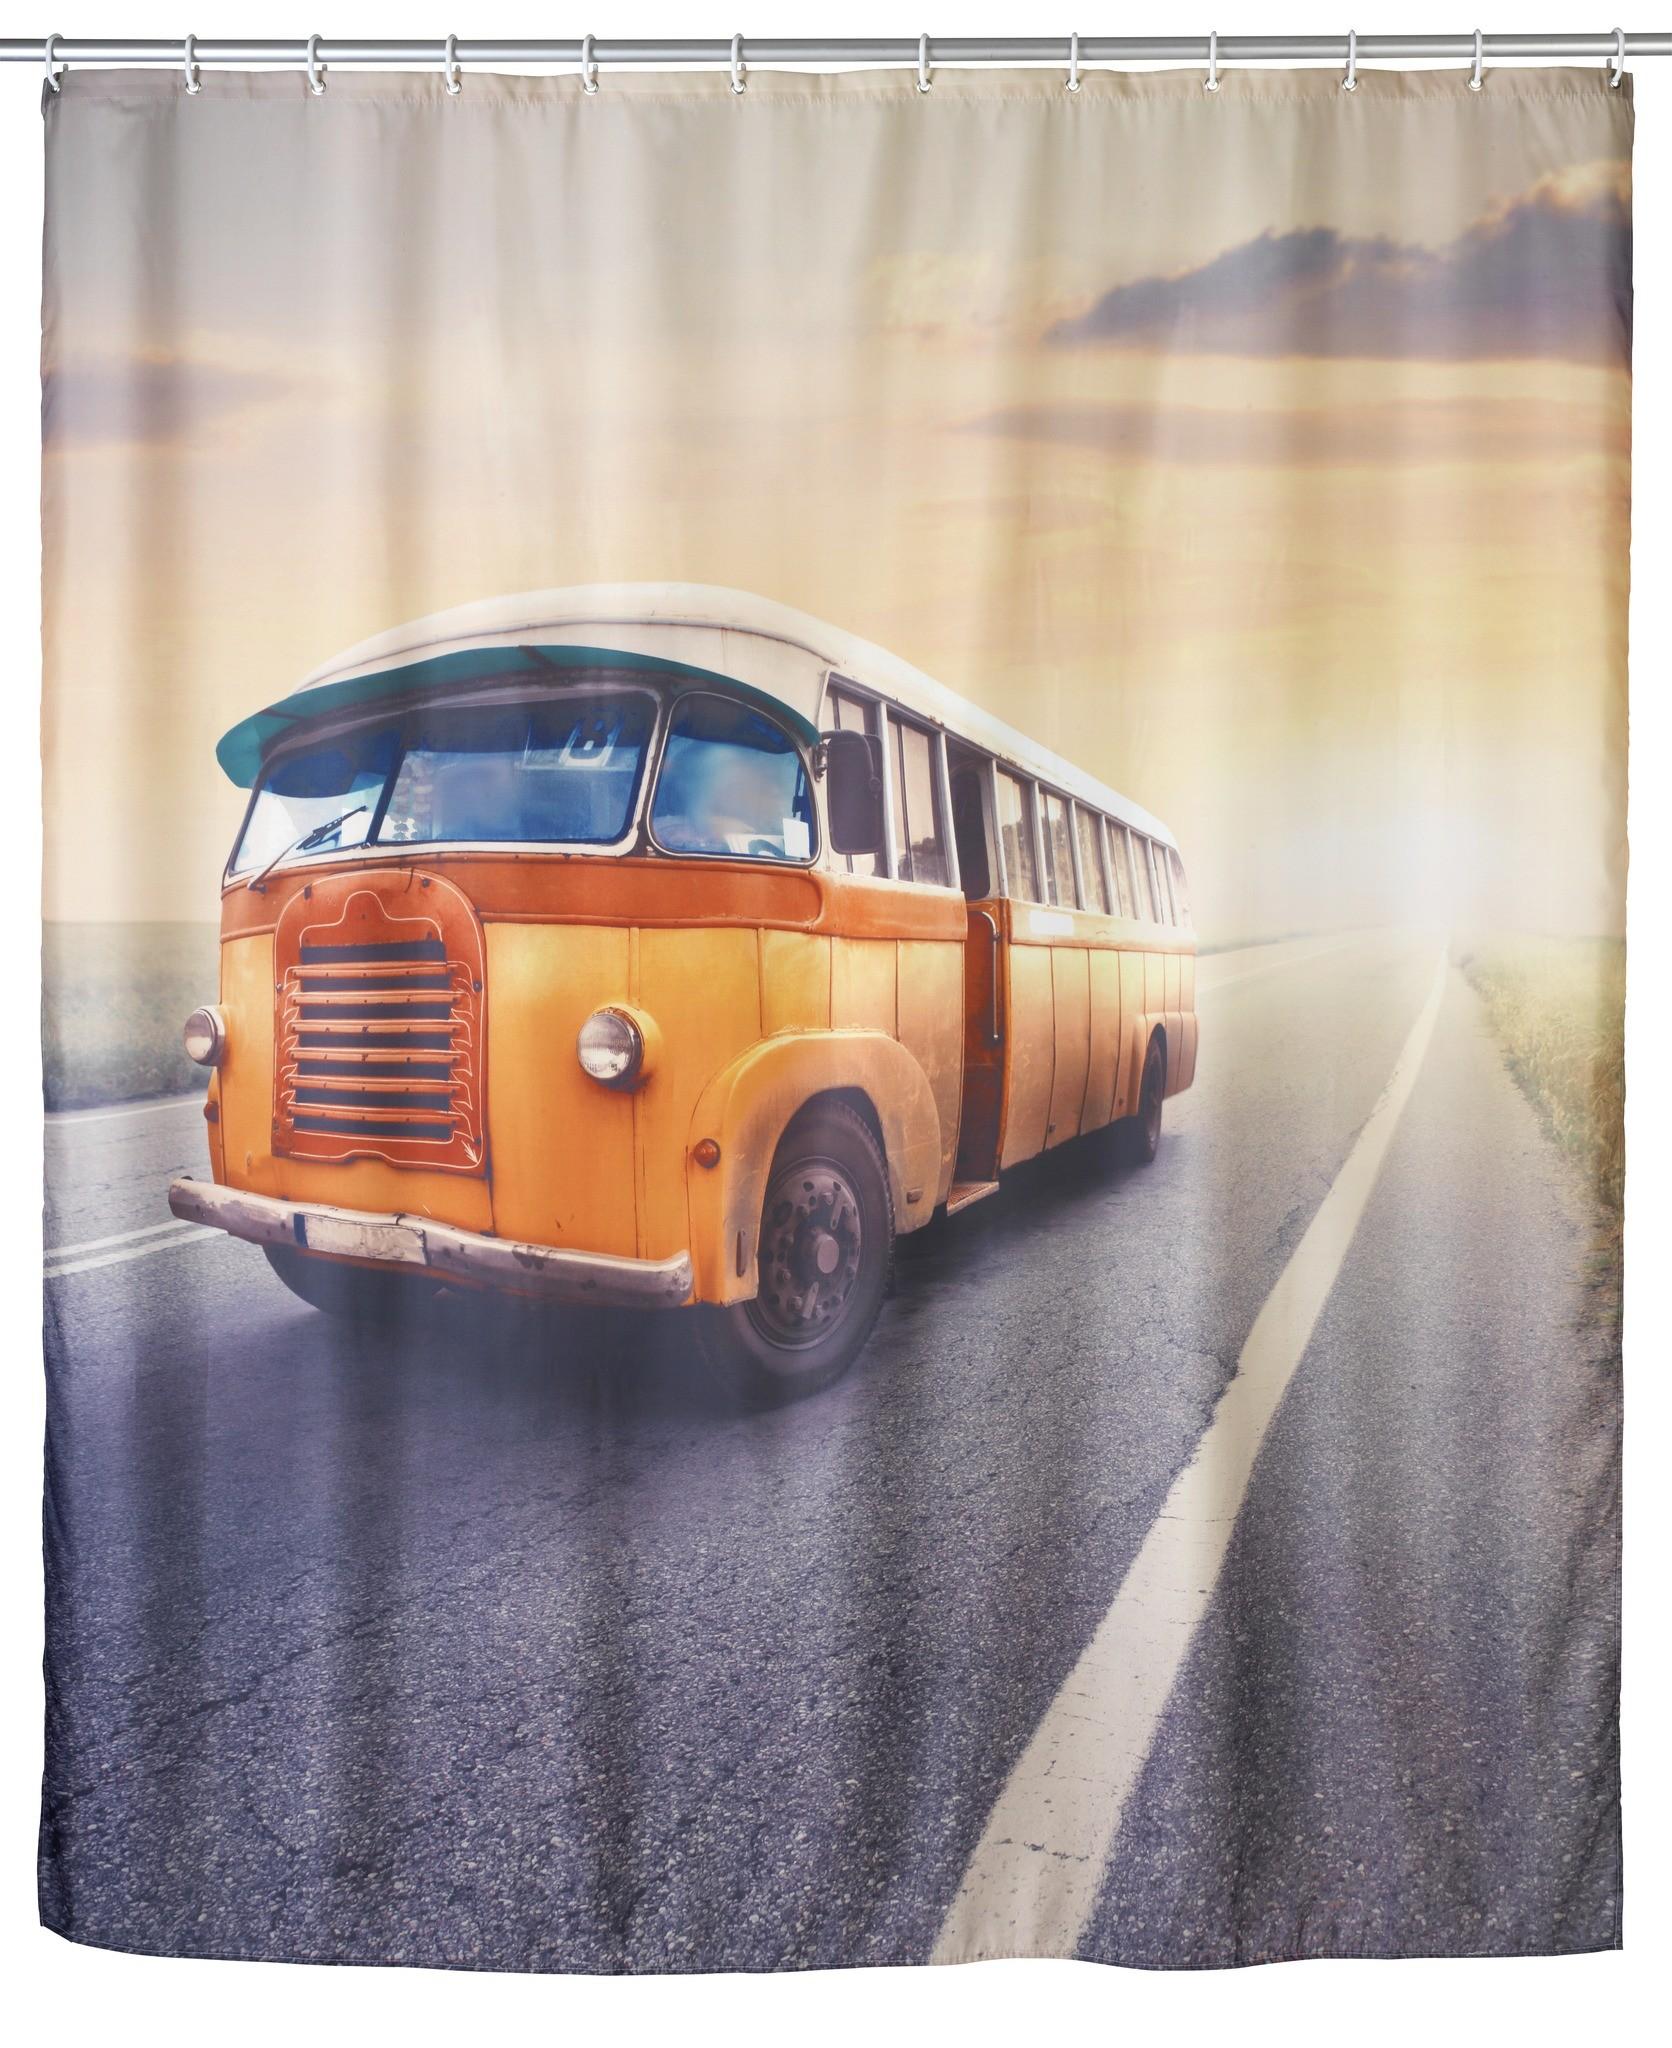 Anti-Schimmel Duschvorhang Vintage Bus, 180 x 200 cm, waschbar